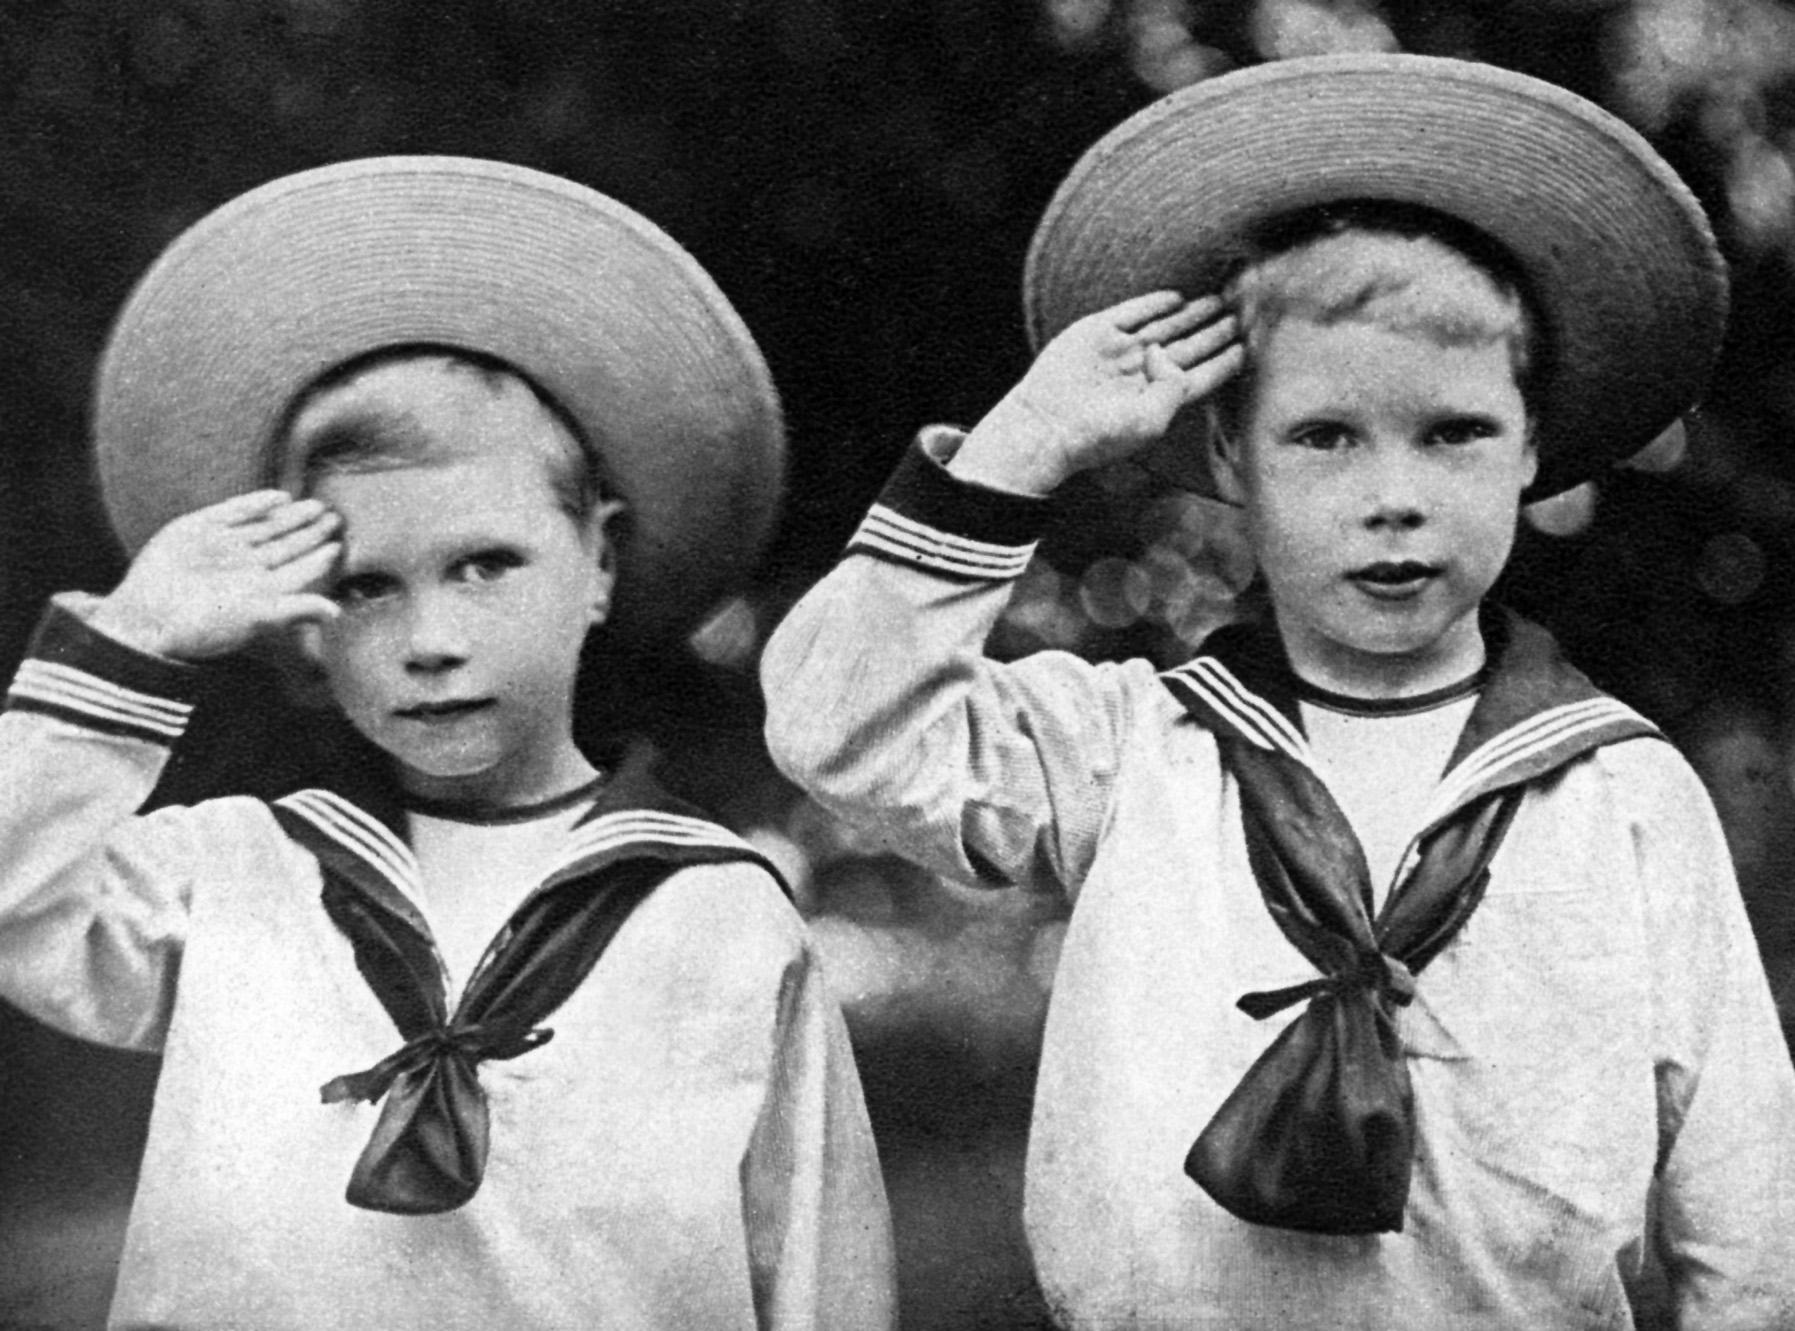 Am 11. Dezember 1936 verzichtet der englische König Edward VIII. auf den Thron. Er will die Frau, die er liebt, heiraten – die Amerikanerin Wallis Simpson. Für sie wäre es bereits die dritte Ehe. Edwards jüngerer Bruder Albert folgt ihm nach dem Thronverzicht als König George VI. Das britische Königshaus befindet sich in einer seiner größten Krisen.   ©Heritage Images